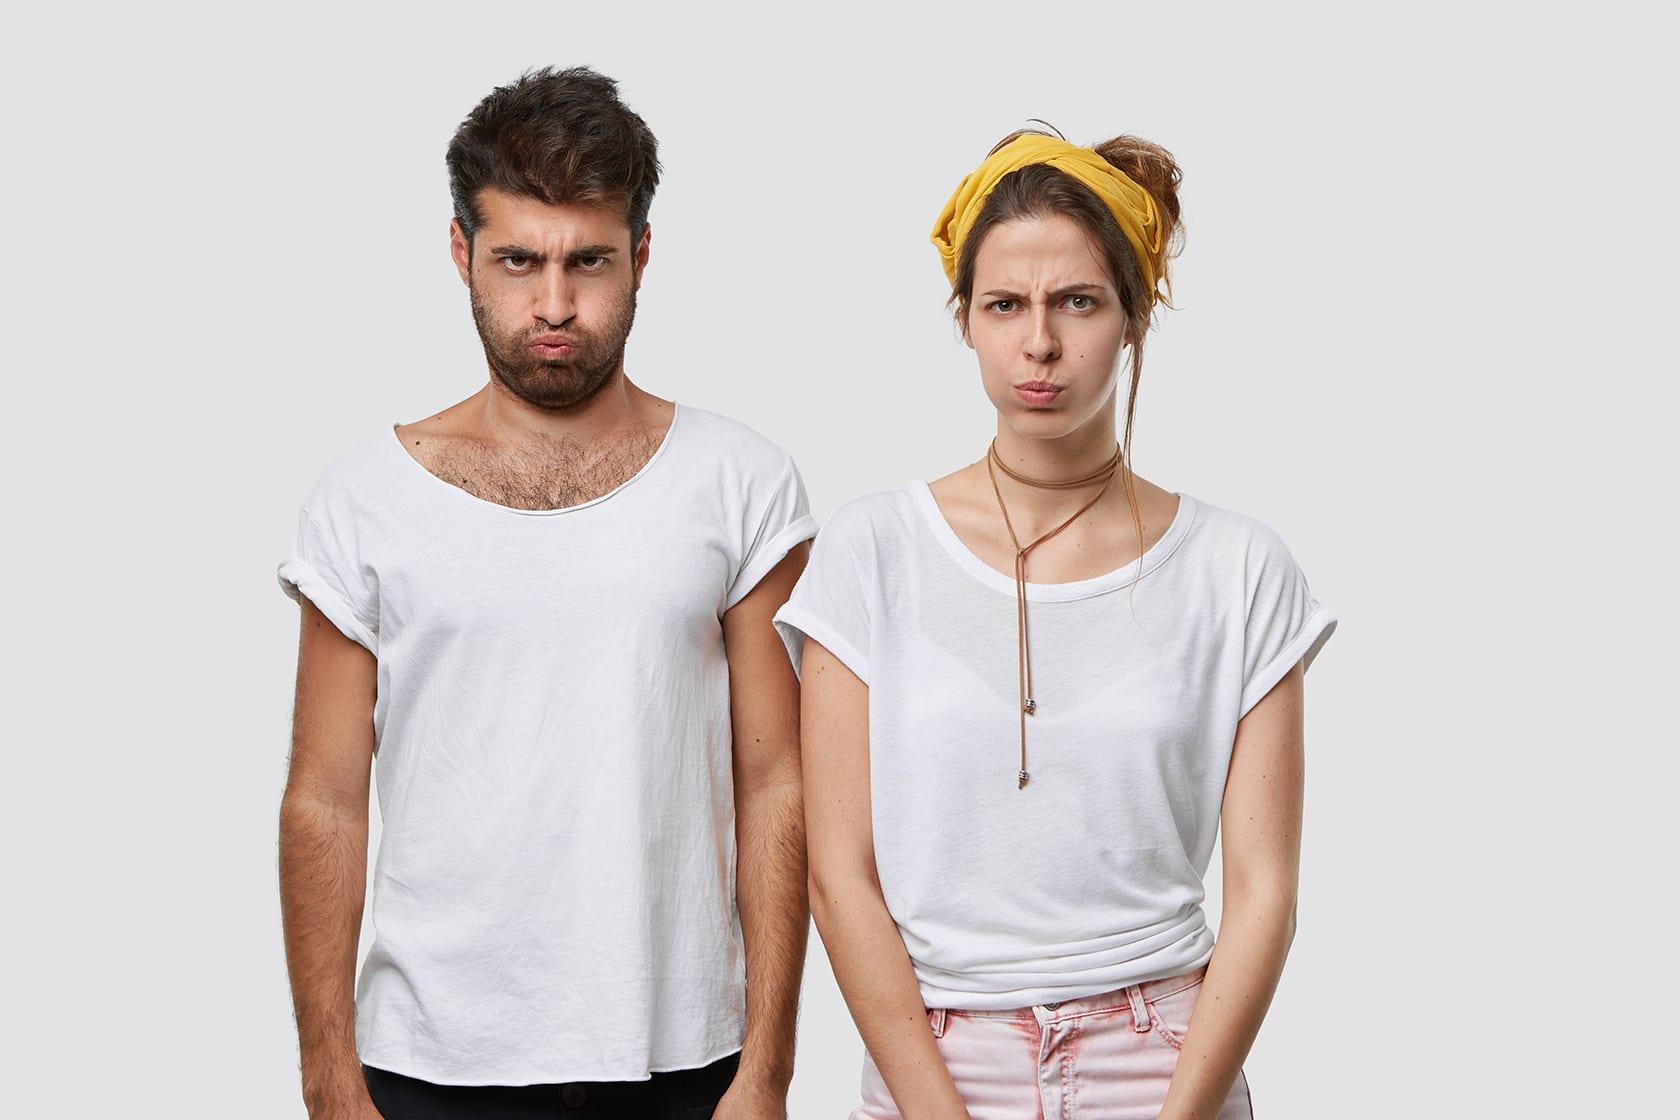 Näin halpa t-paita oikeasti eroaa kalliista –nerokkaan idean huomaa käytössä